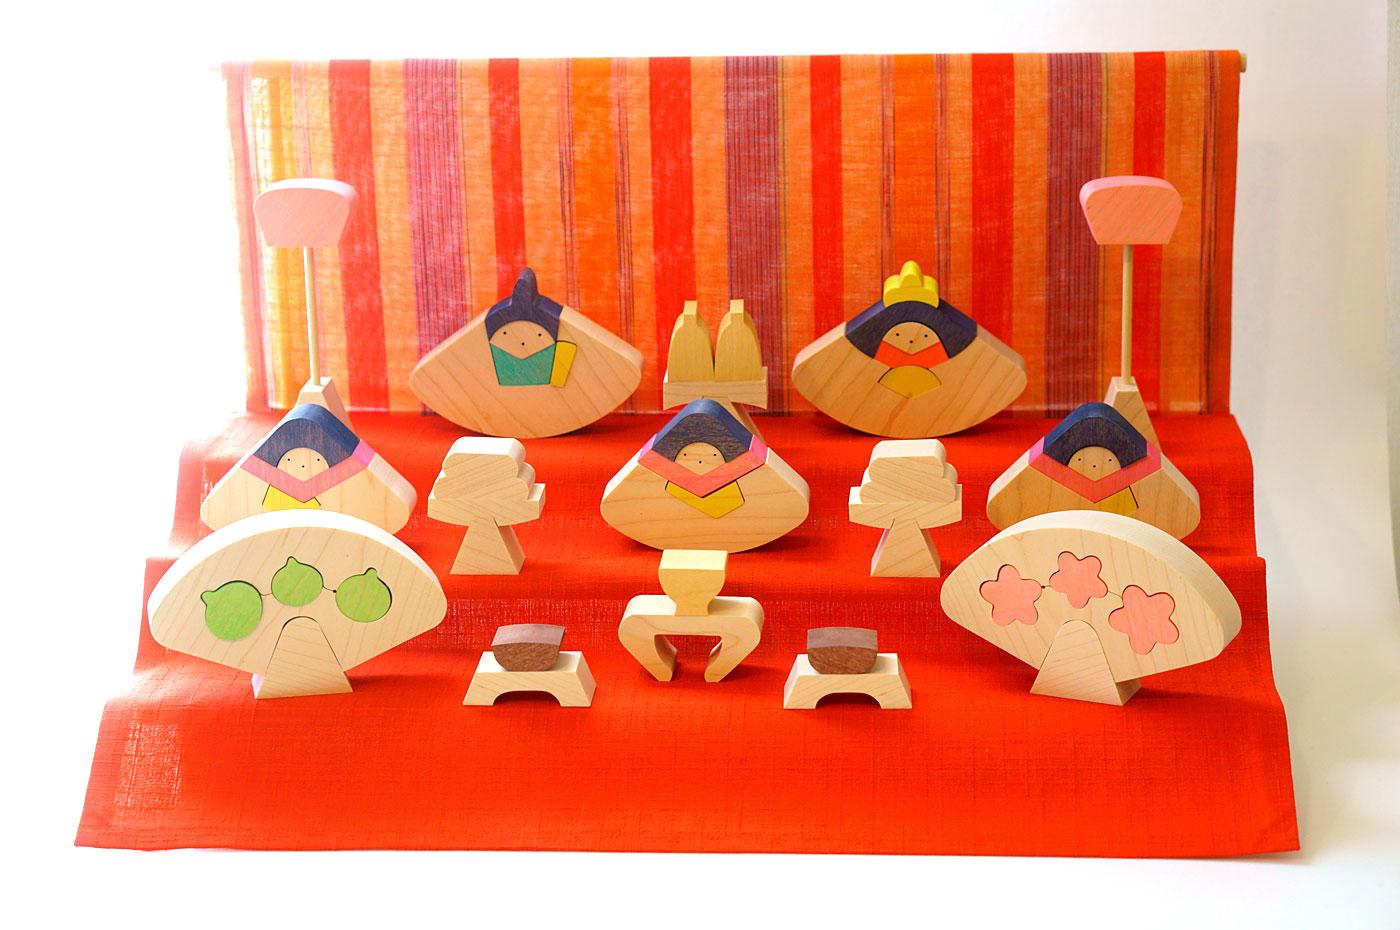 小黒三郎さんの組木の節句人形 円びな三段飾り